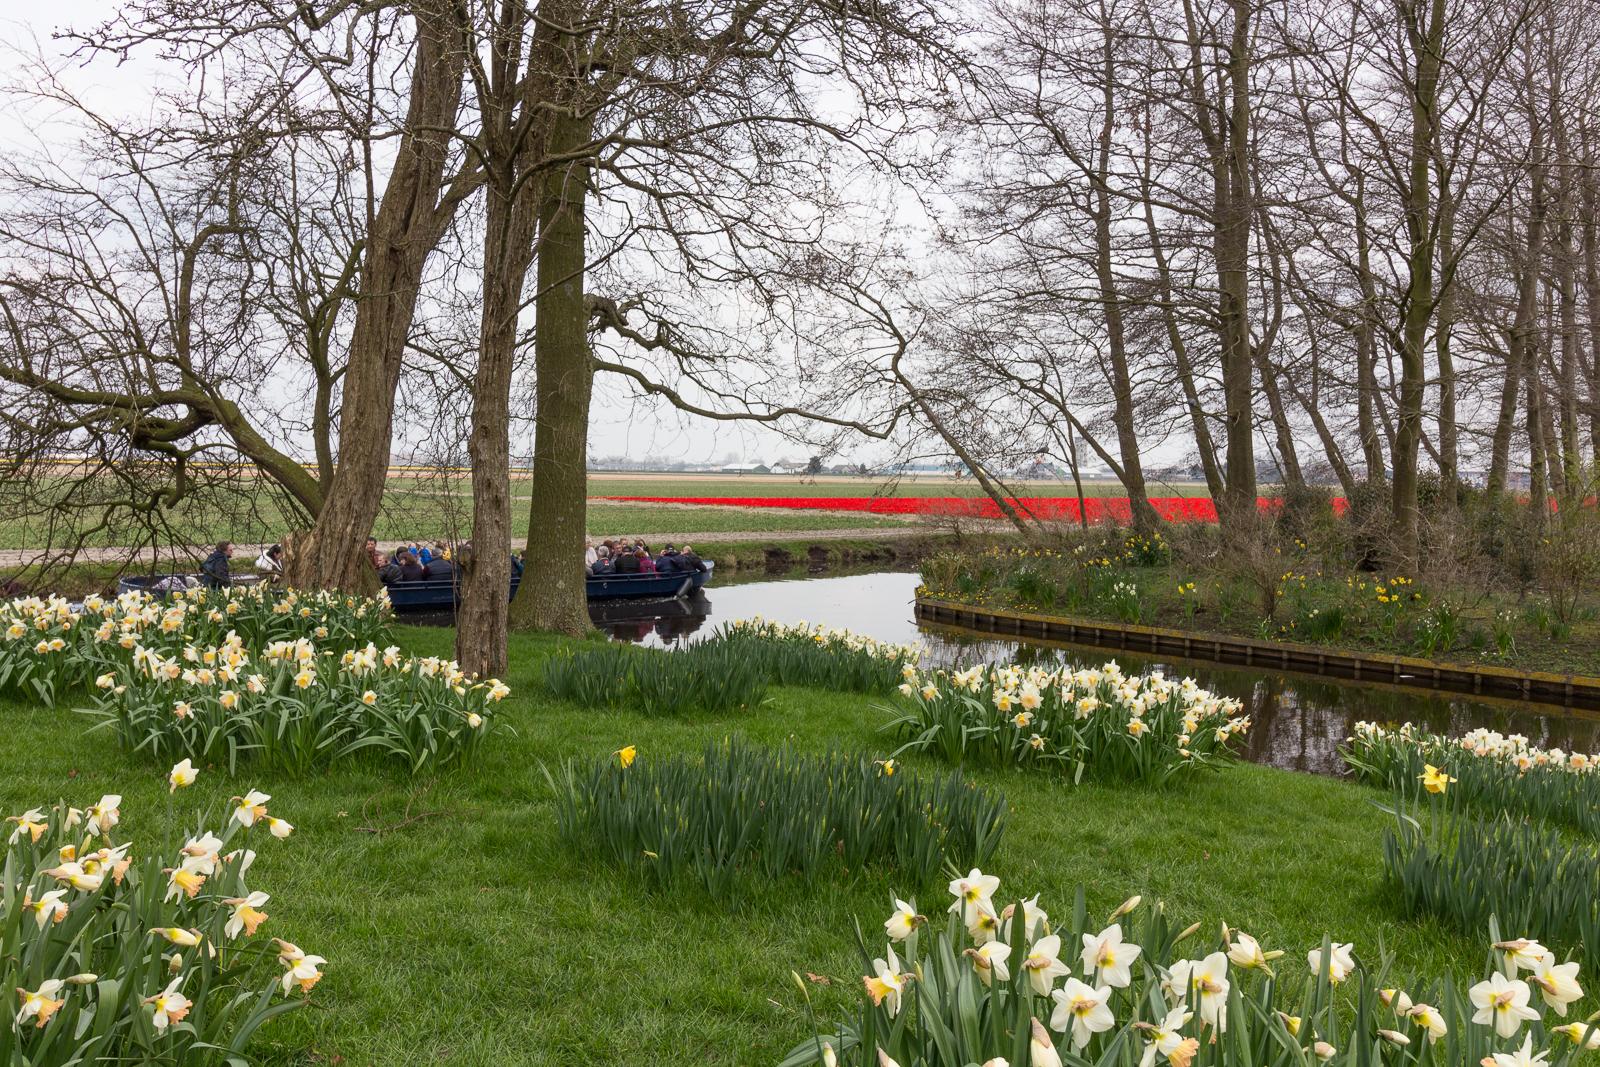 niederlande_noordwijk_keukenhof_reiseblog-2812